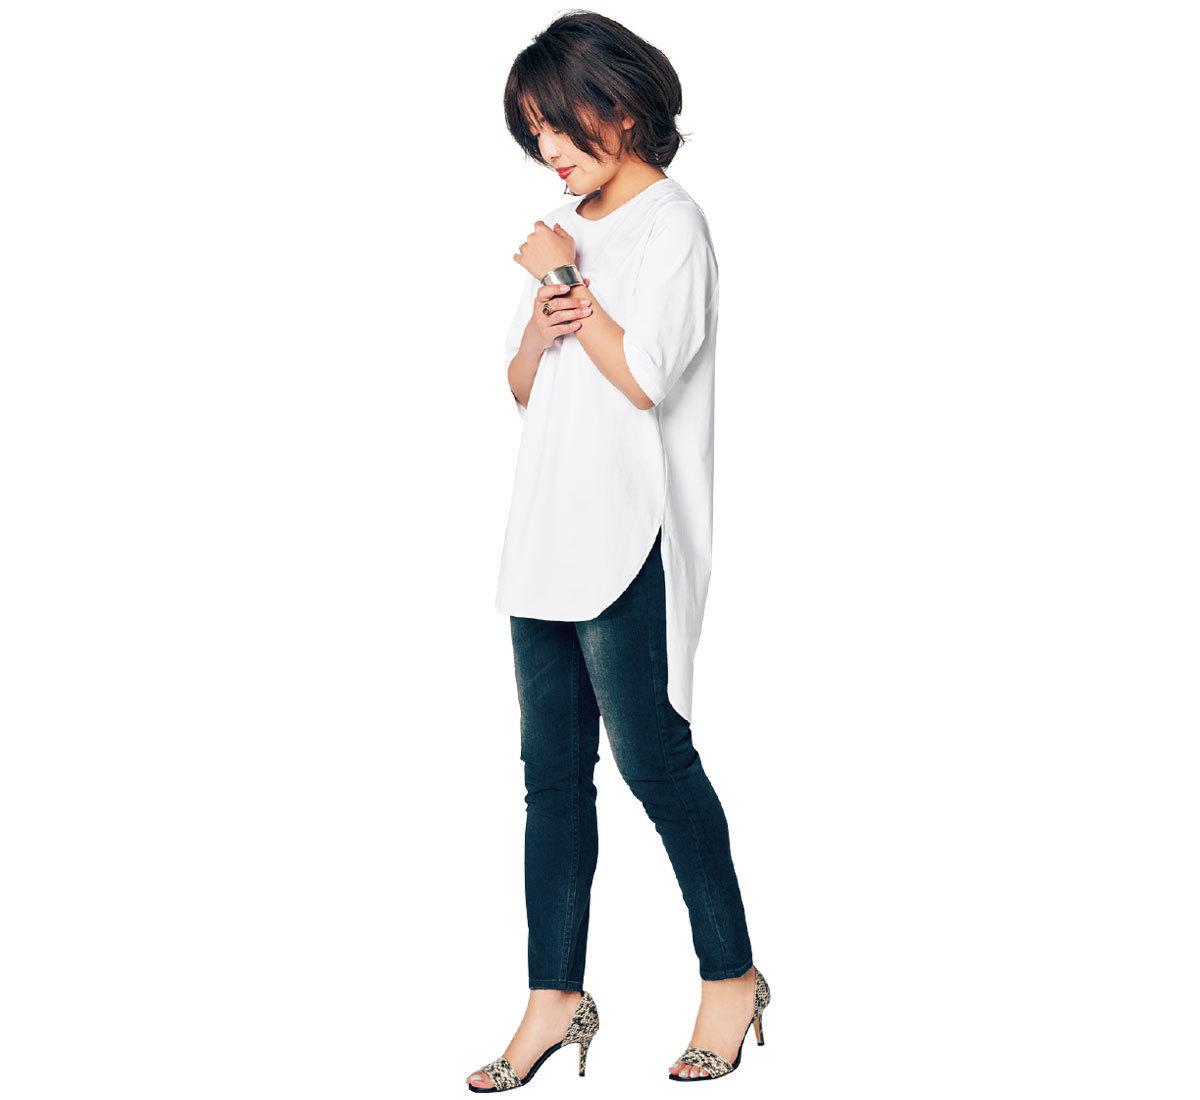 パンツ派の白Tシャツの着丈